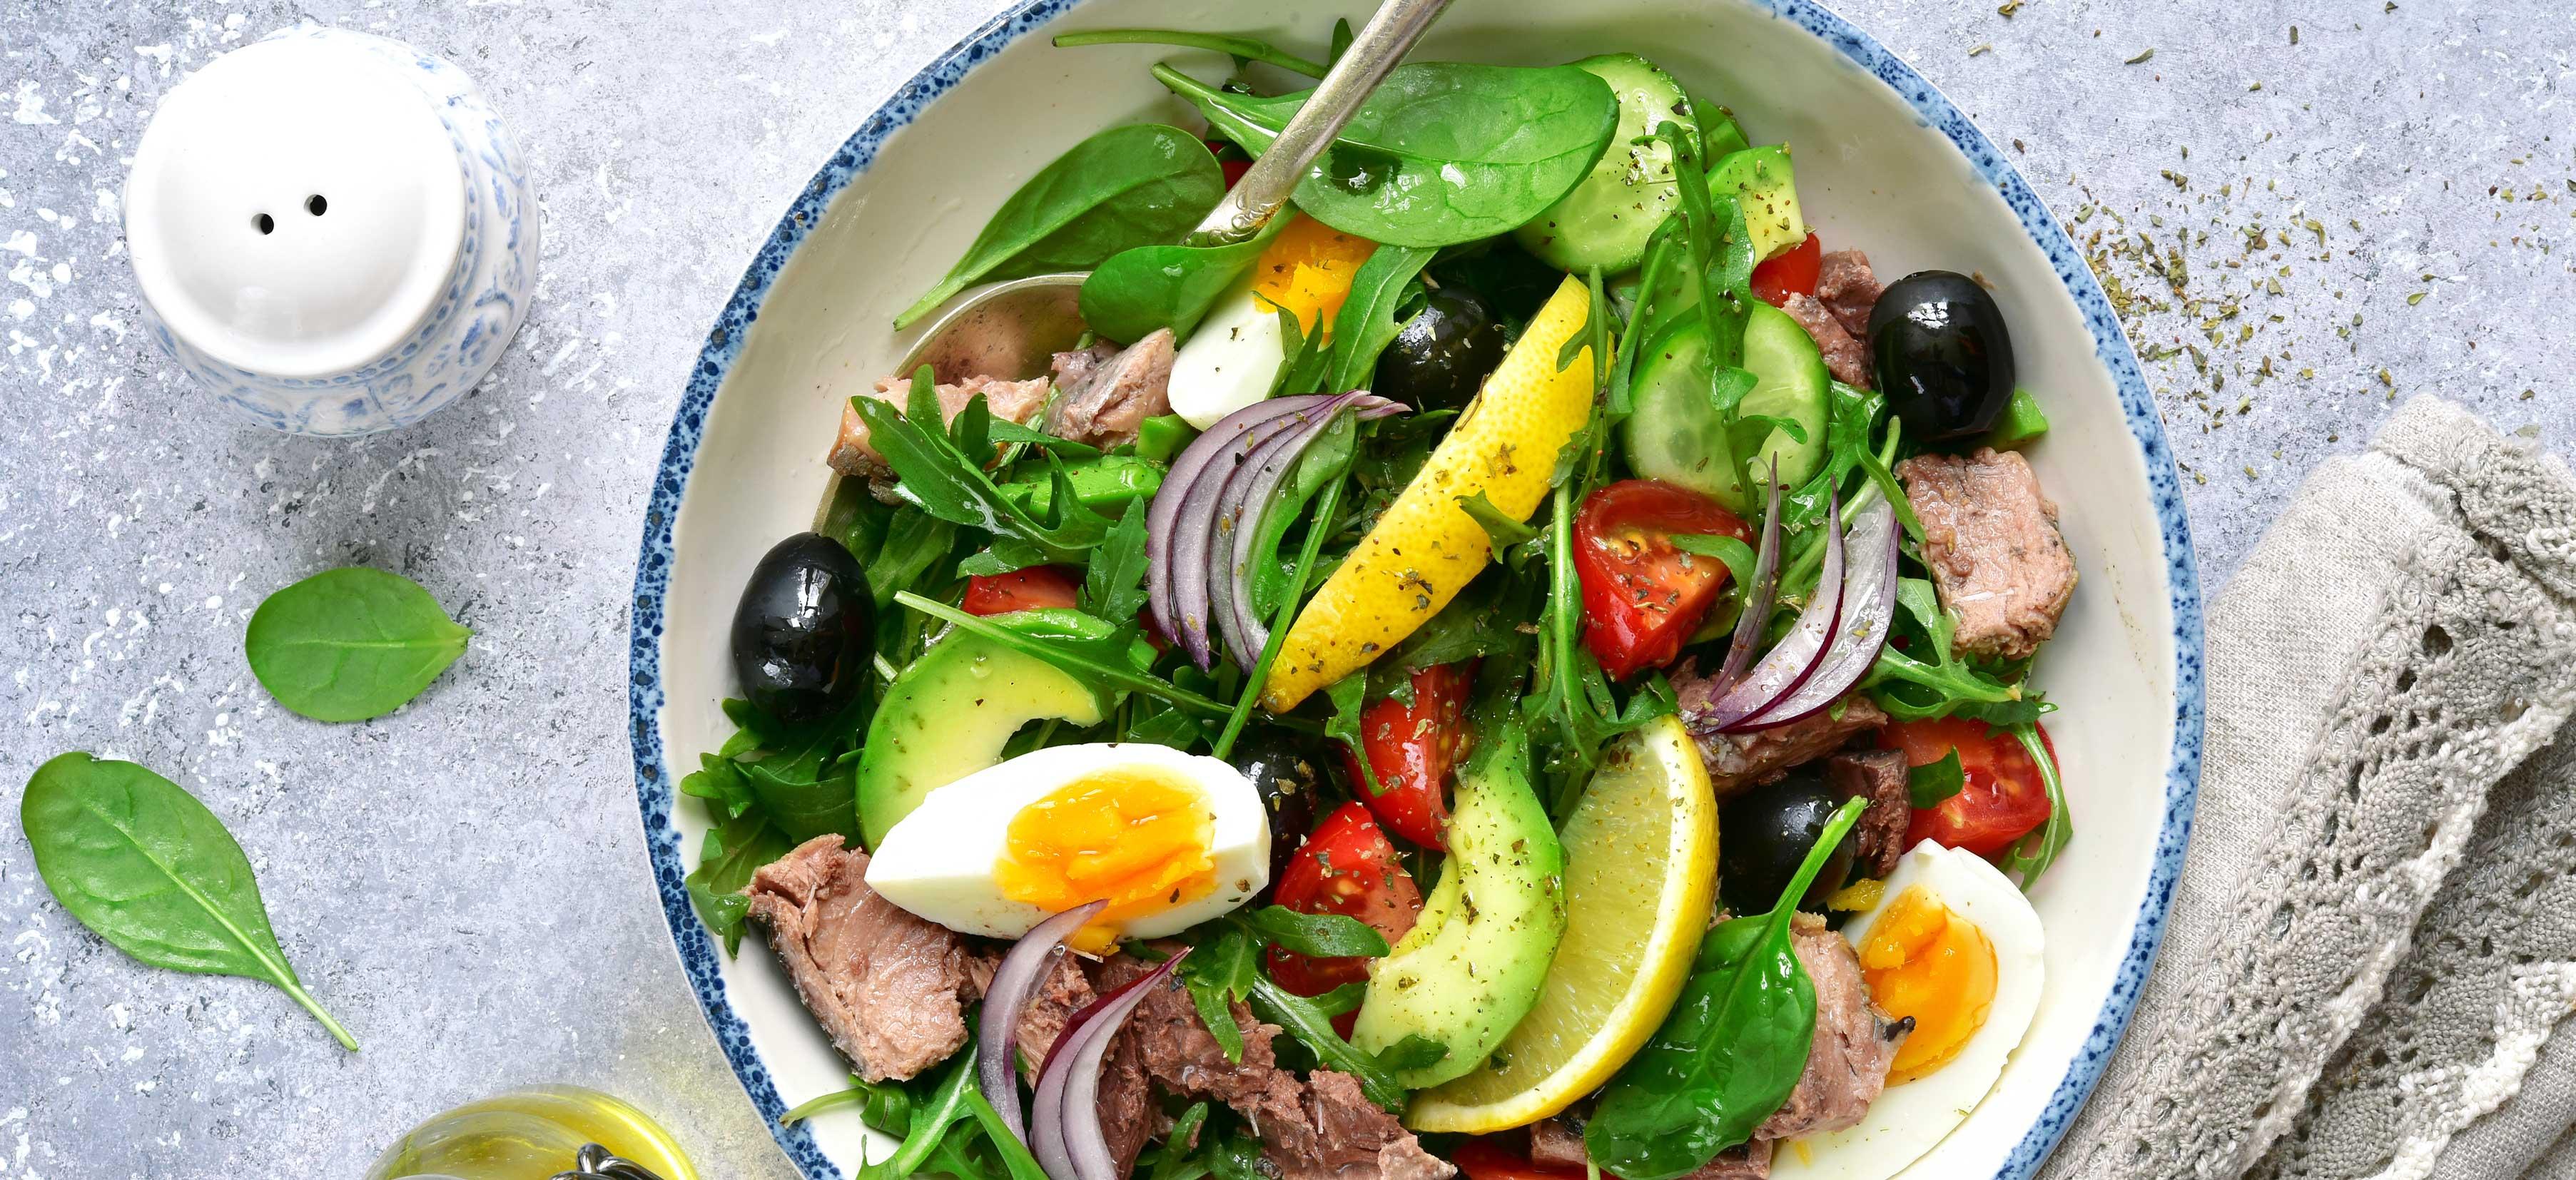 Tonijnsalade met spinazie, avocado en ei